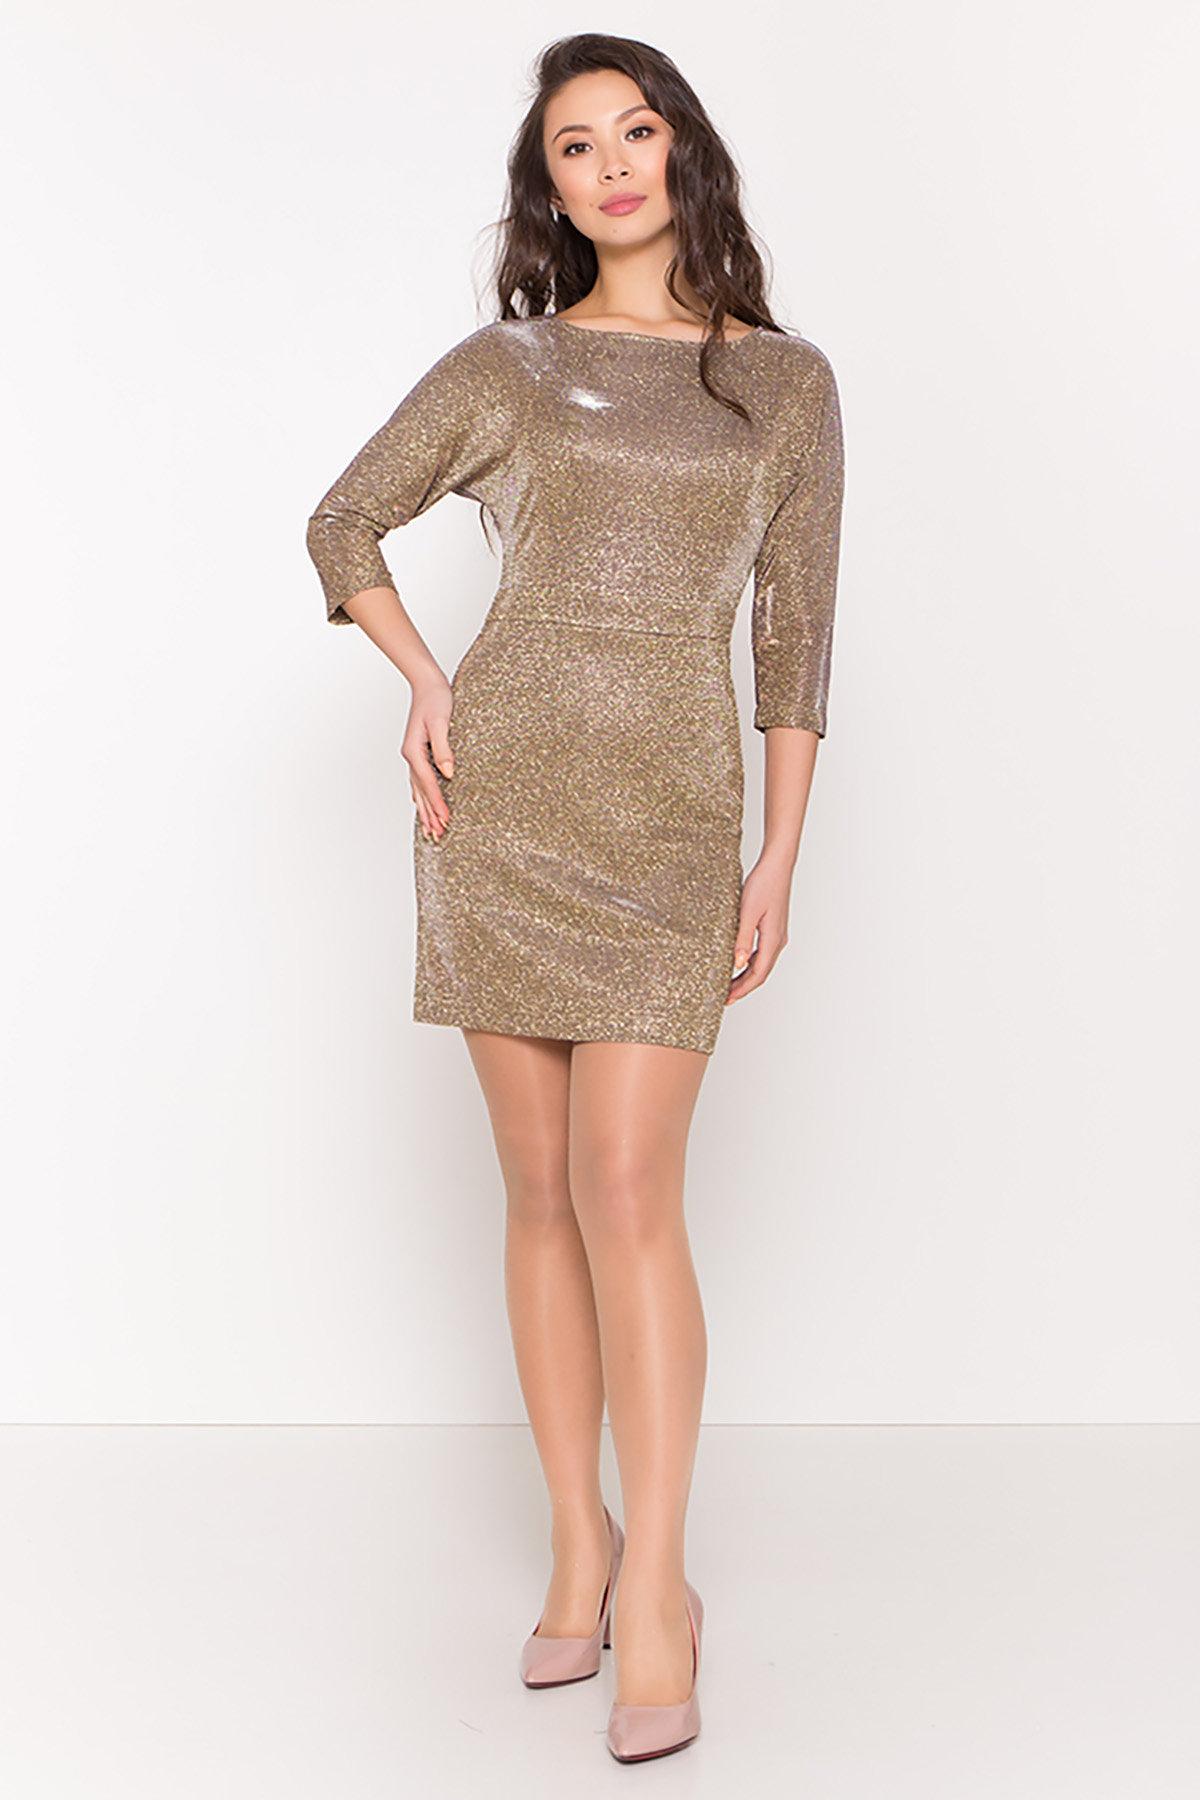 Платье-хамелеон из трикотажа с люрексом Инглот 8428 АРТ. 44863 Цвет: Золото/серебро - фото 2, интернет магазин tm-modus.ru